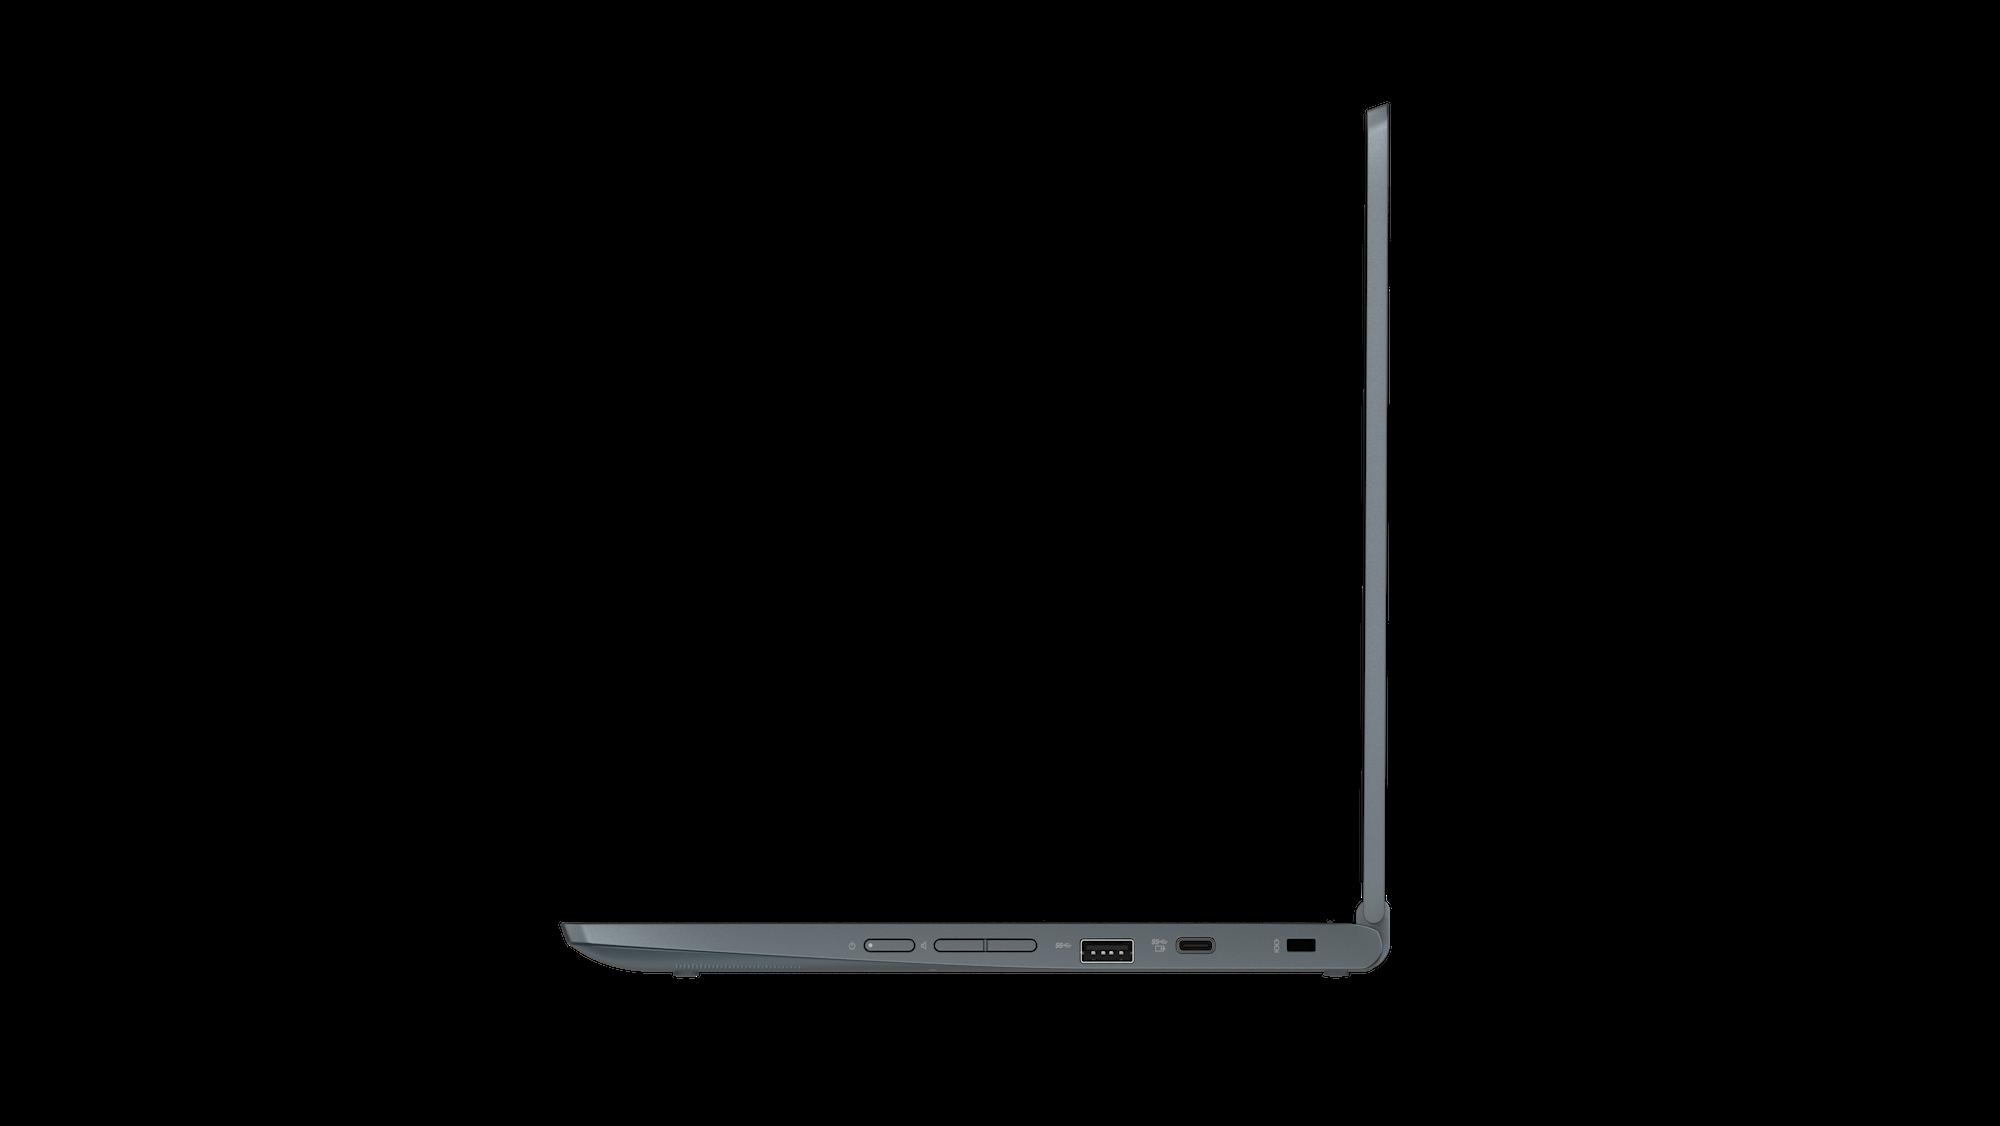 Lenovo Ideapad Flex 3 - photo 5